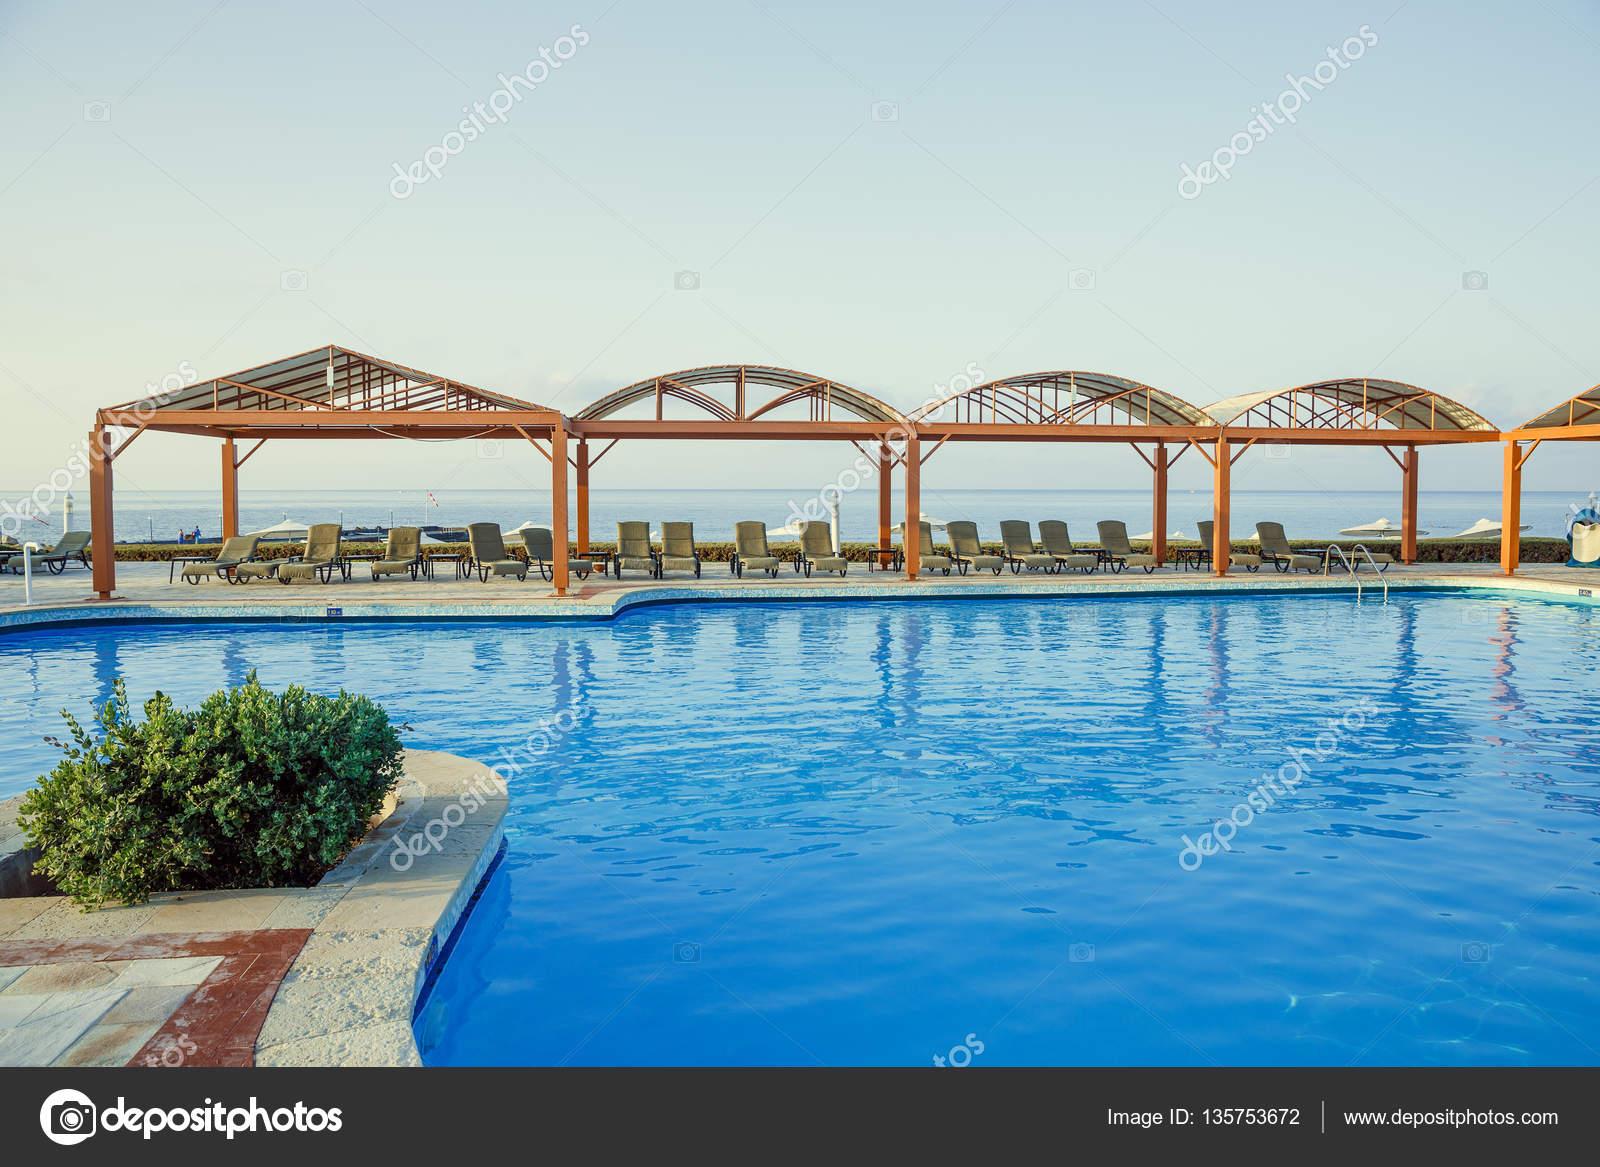 Amüsant Pool Salzwasser Sammlung Von Salzwasser-pool, Hotel In Griechenland, Mit Blick Auf